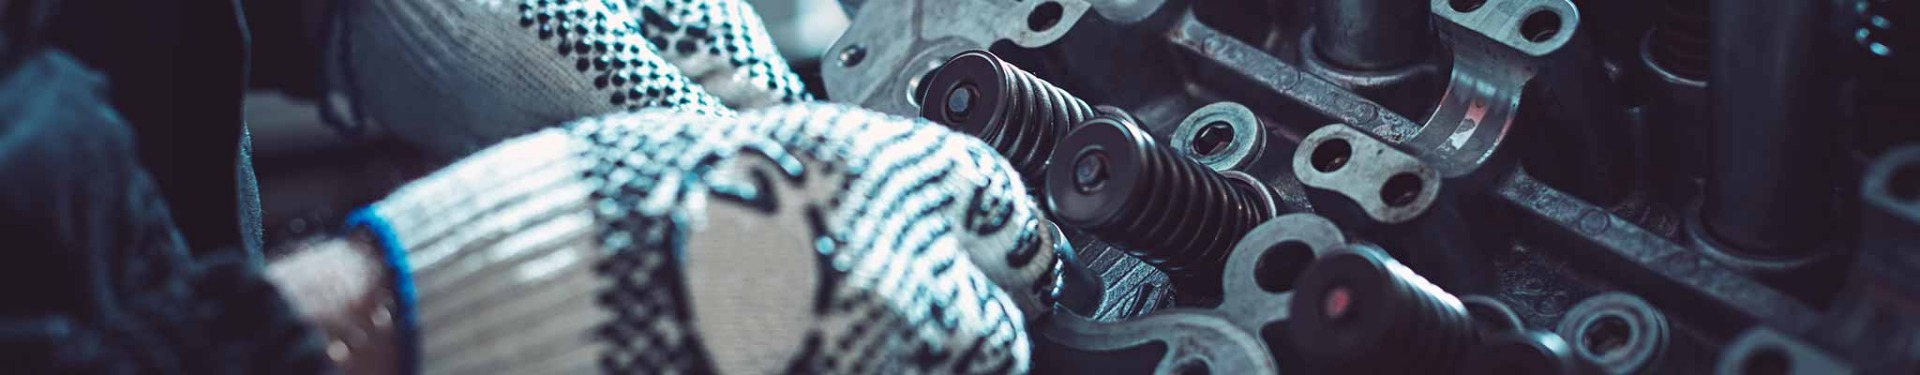 Service & Repair Solutions